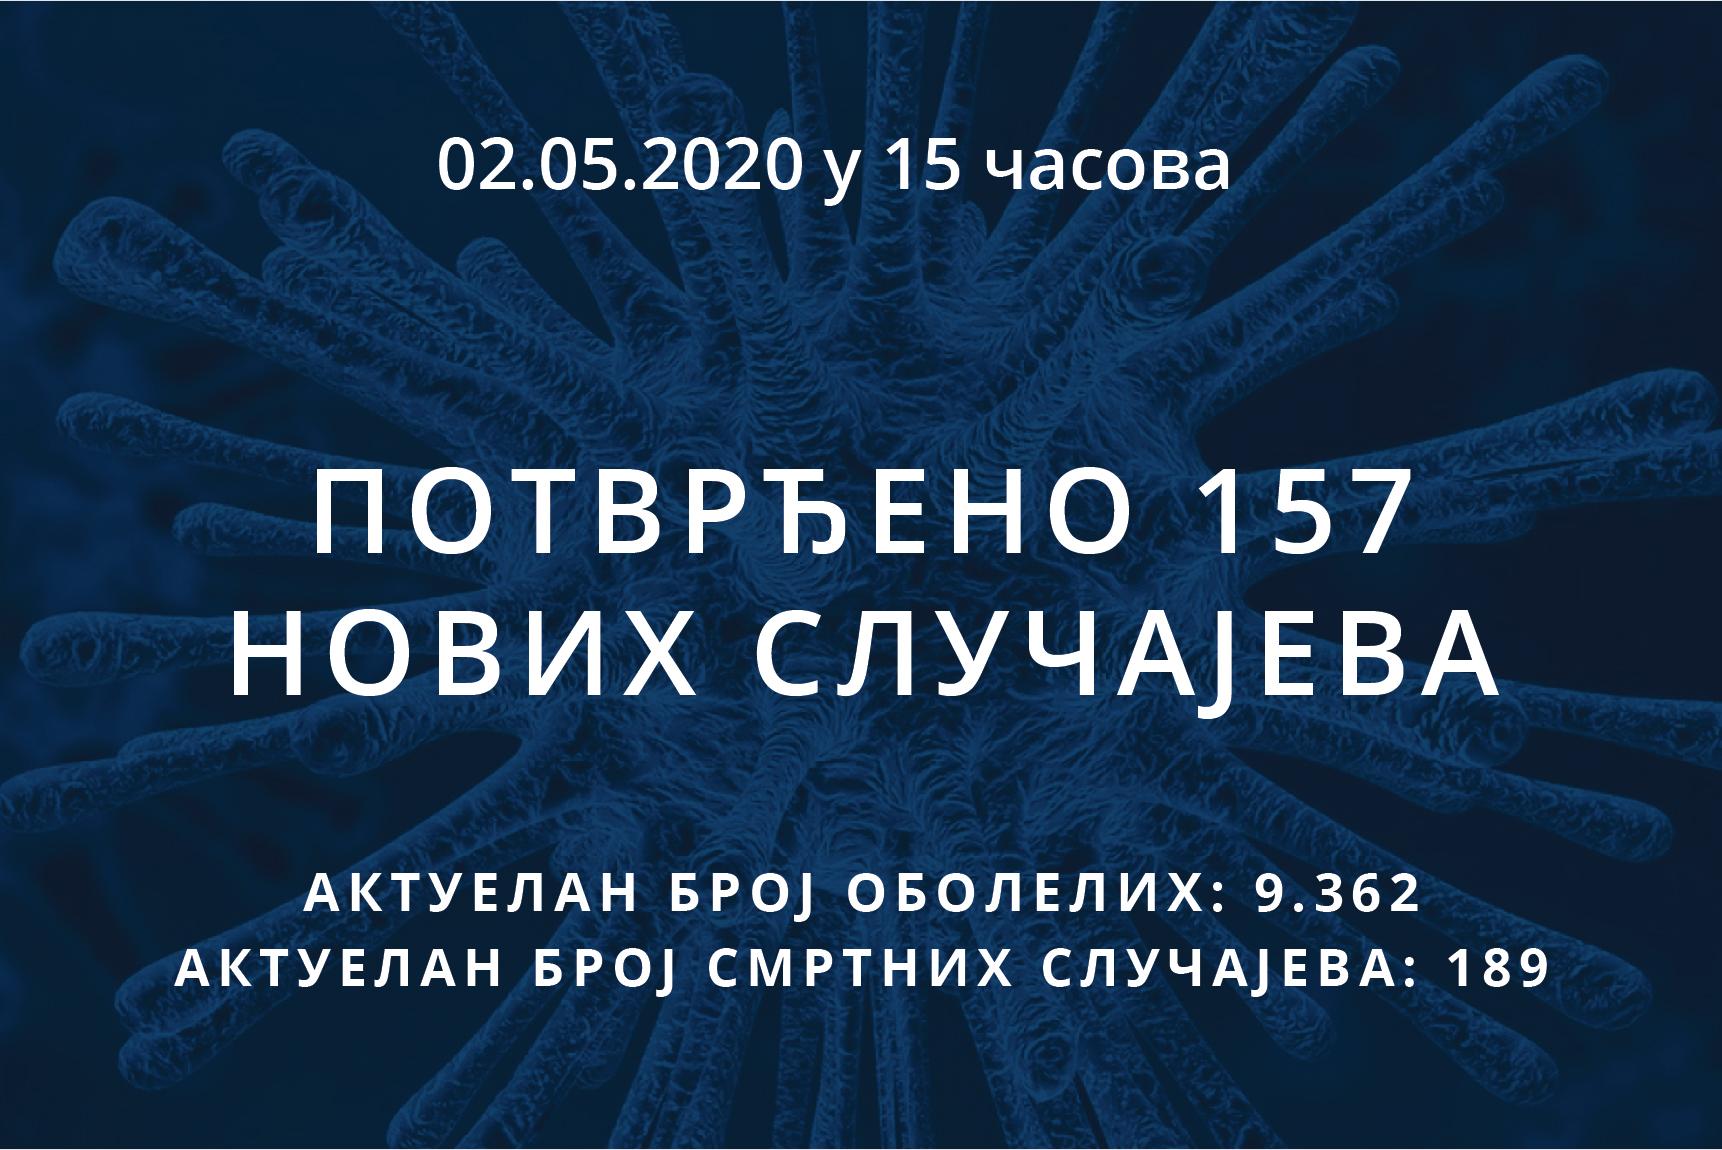 Информације о корона вирусу COVID-19, 02.05.2020 у 15 часова